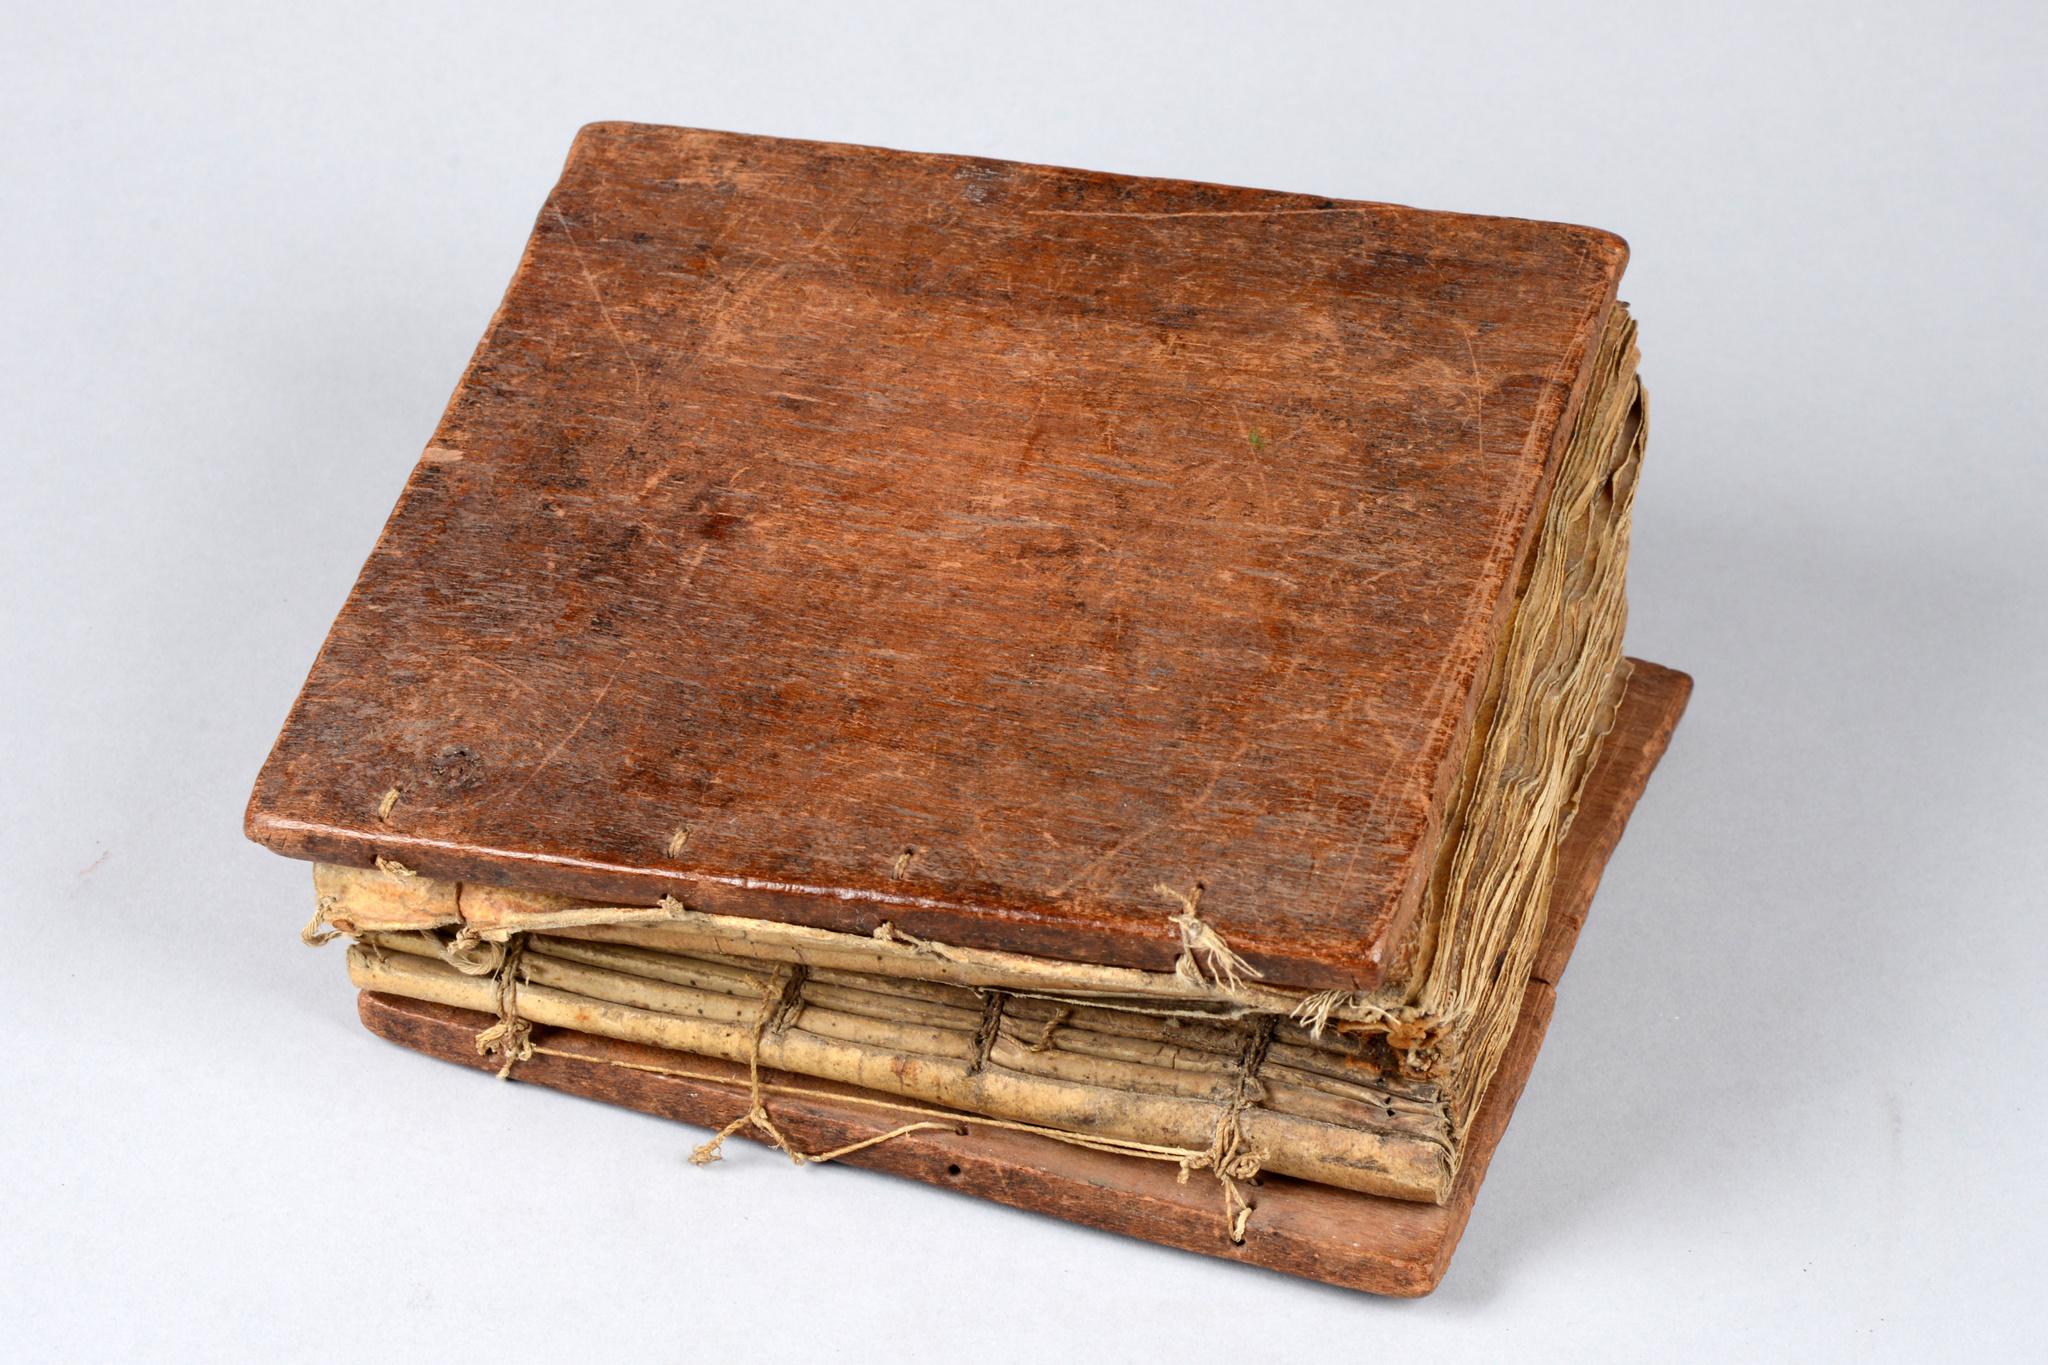 Coptic psalm book, ethiopian manuscript, 18th century